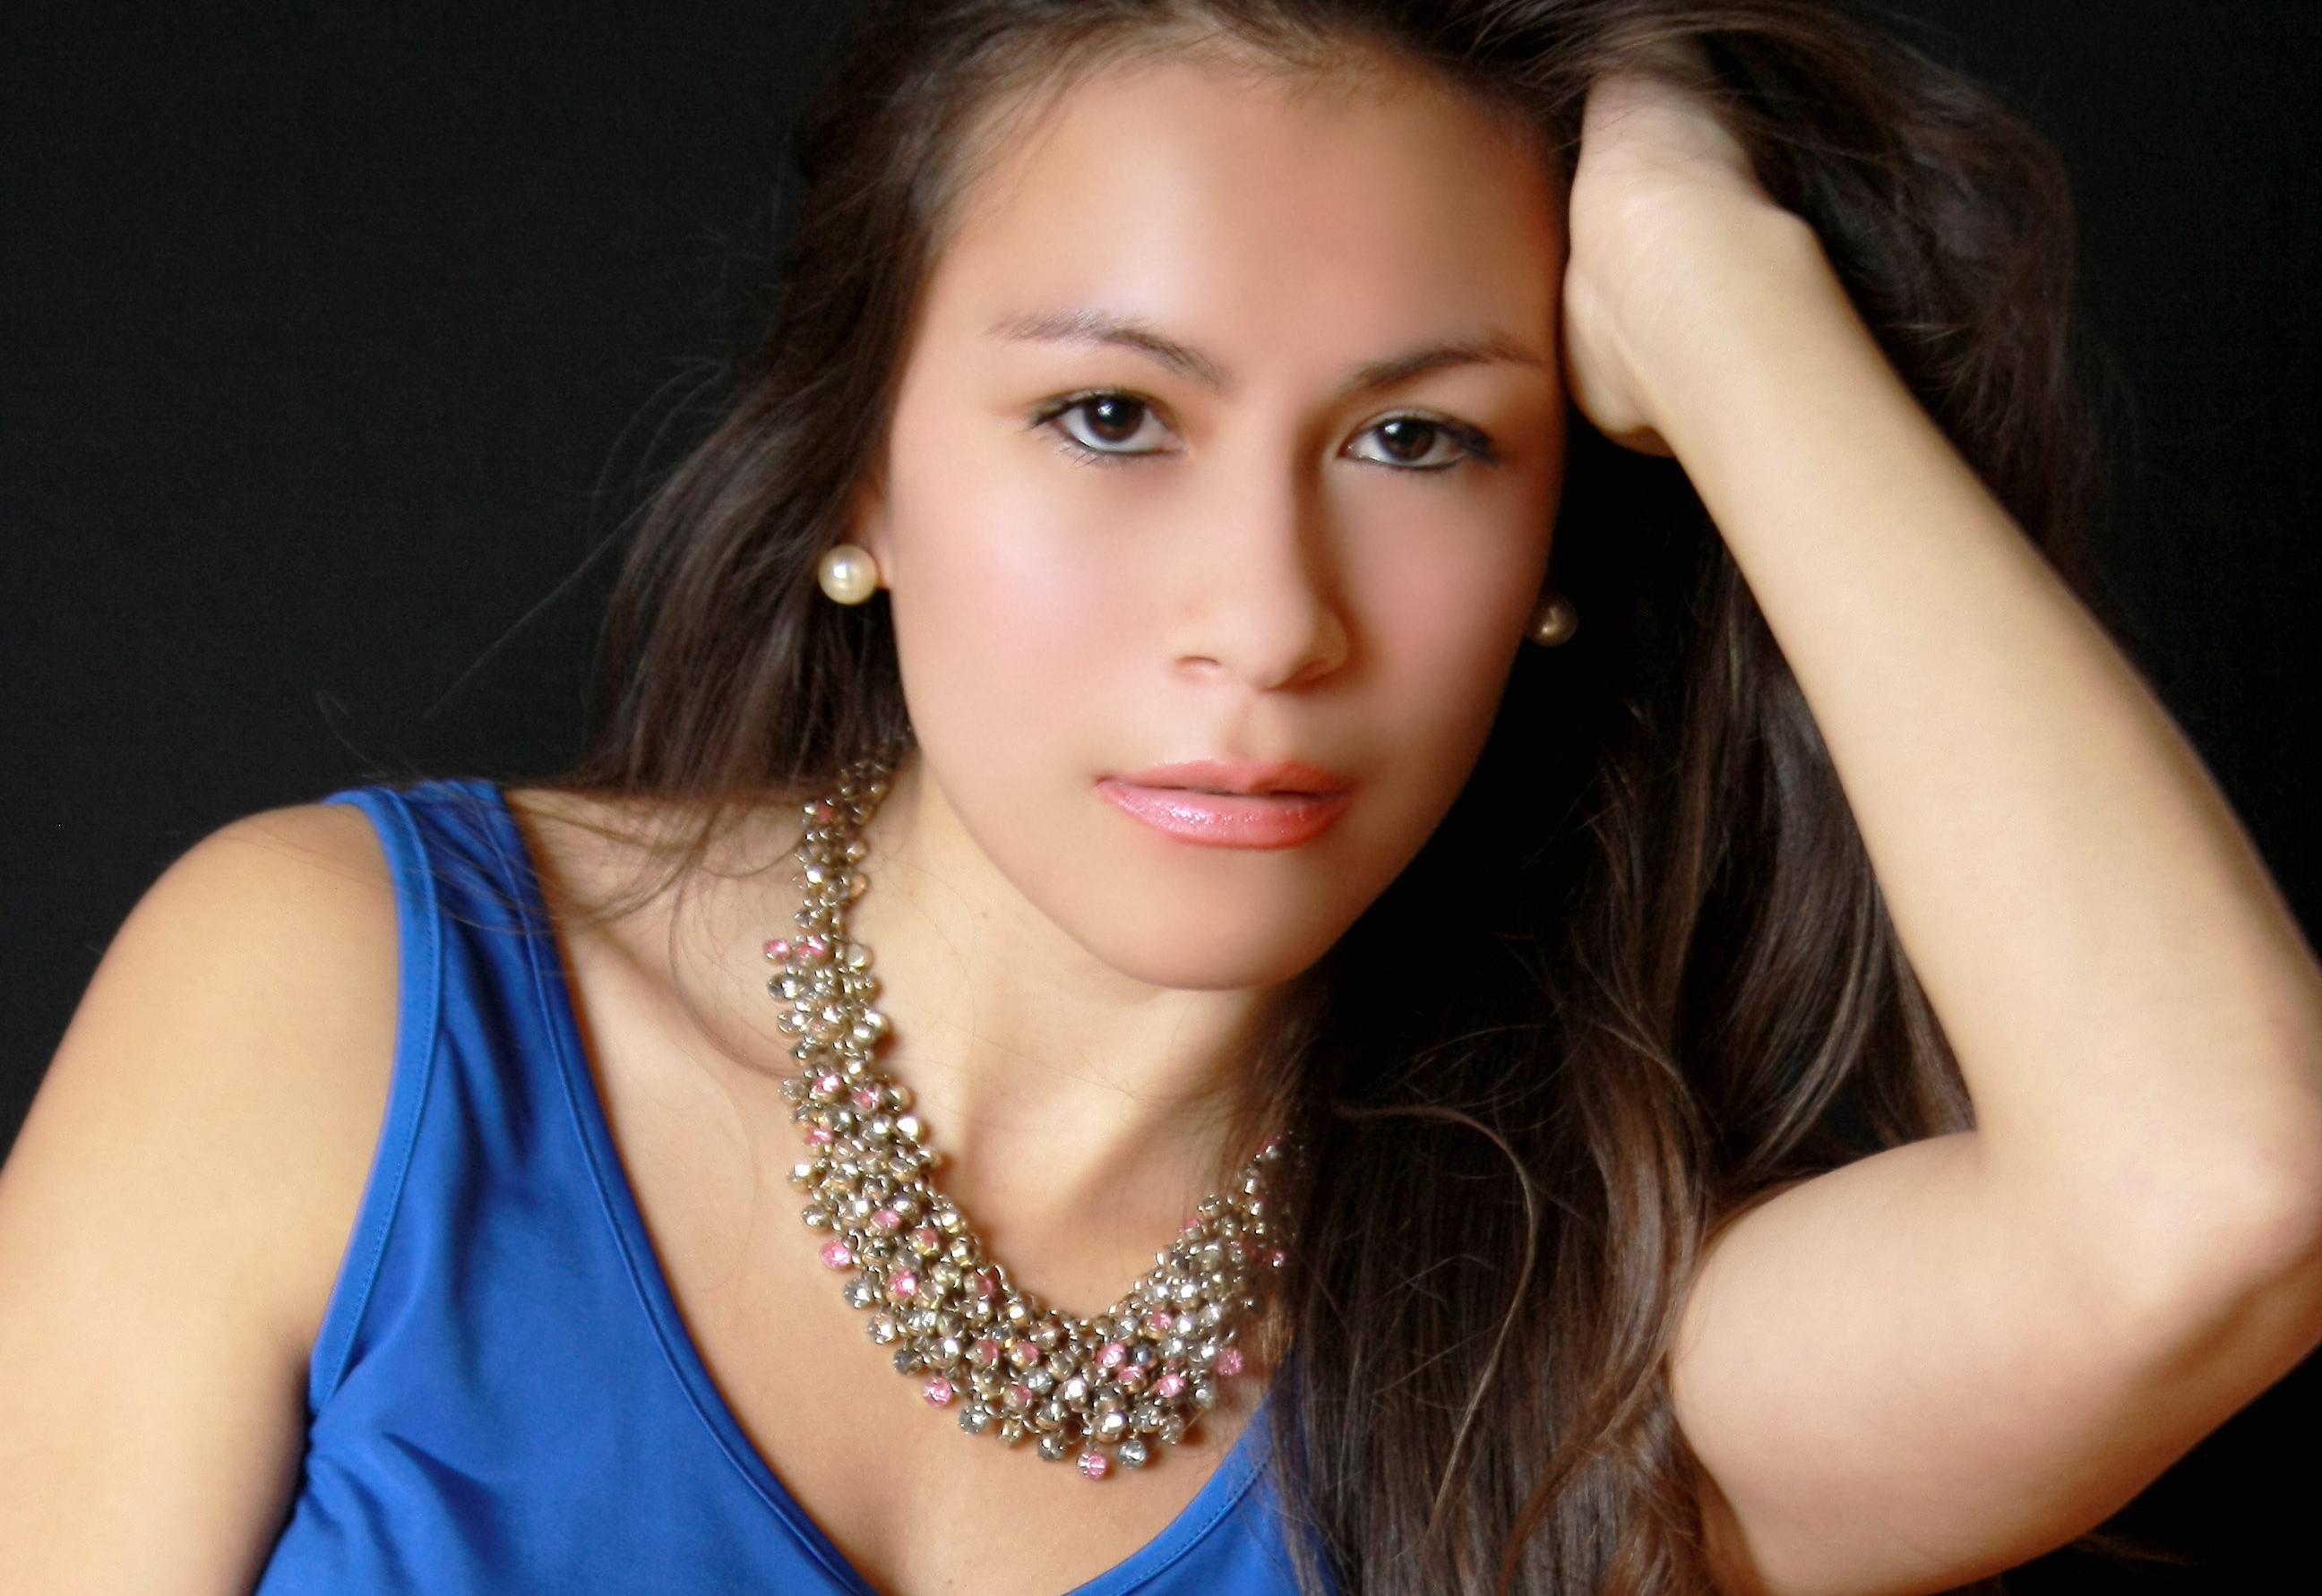 Yojanna Montes